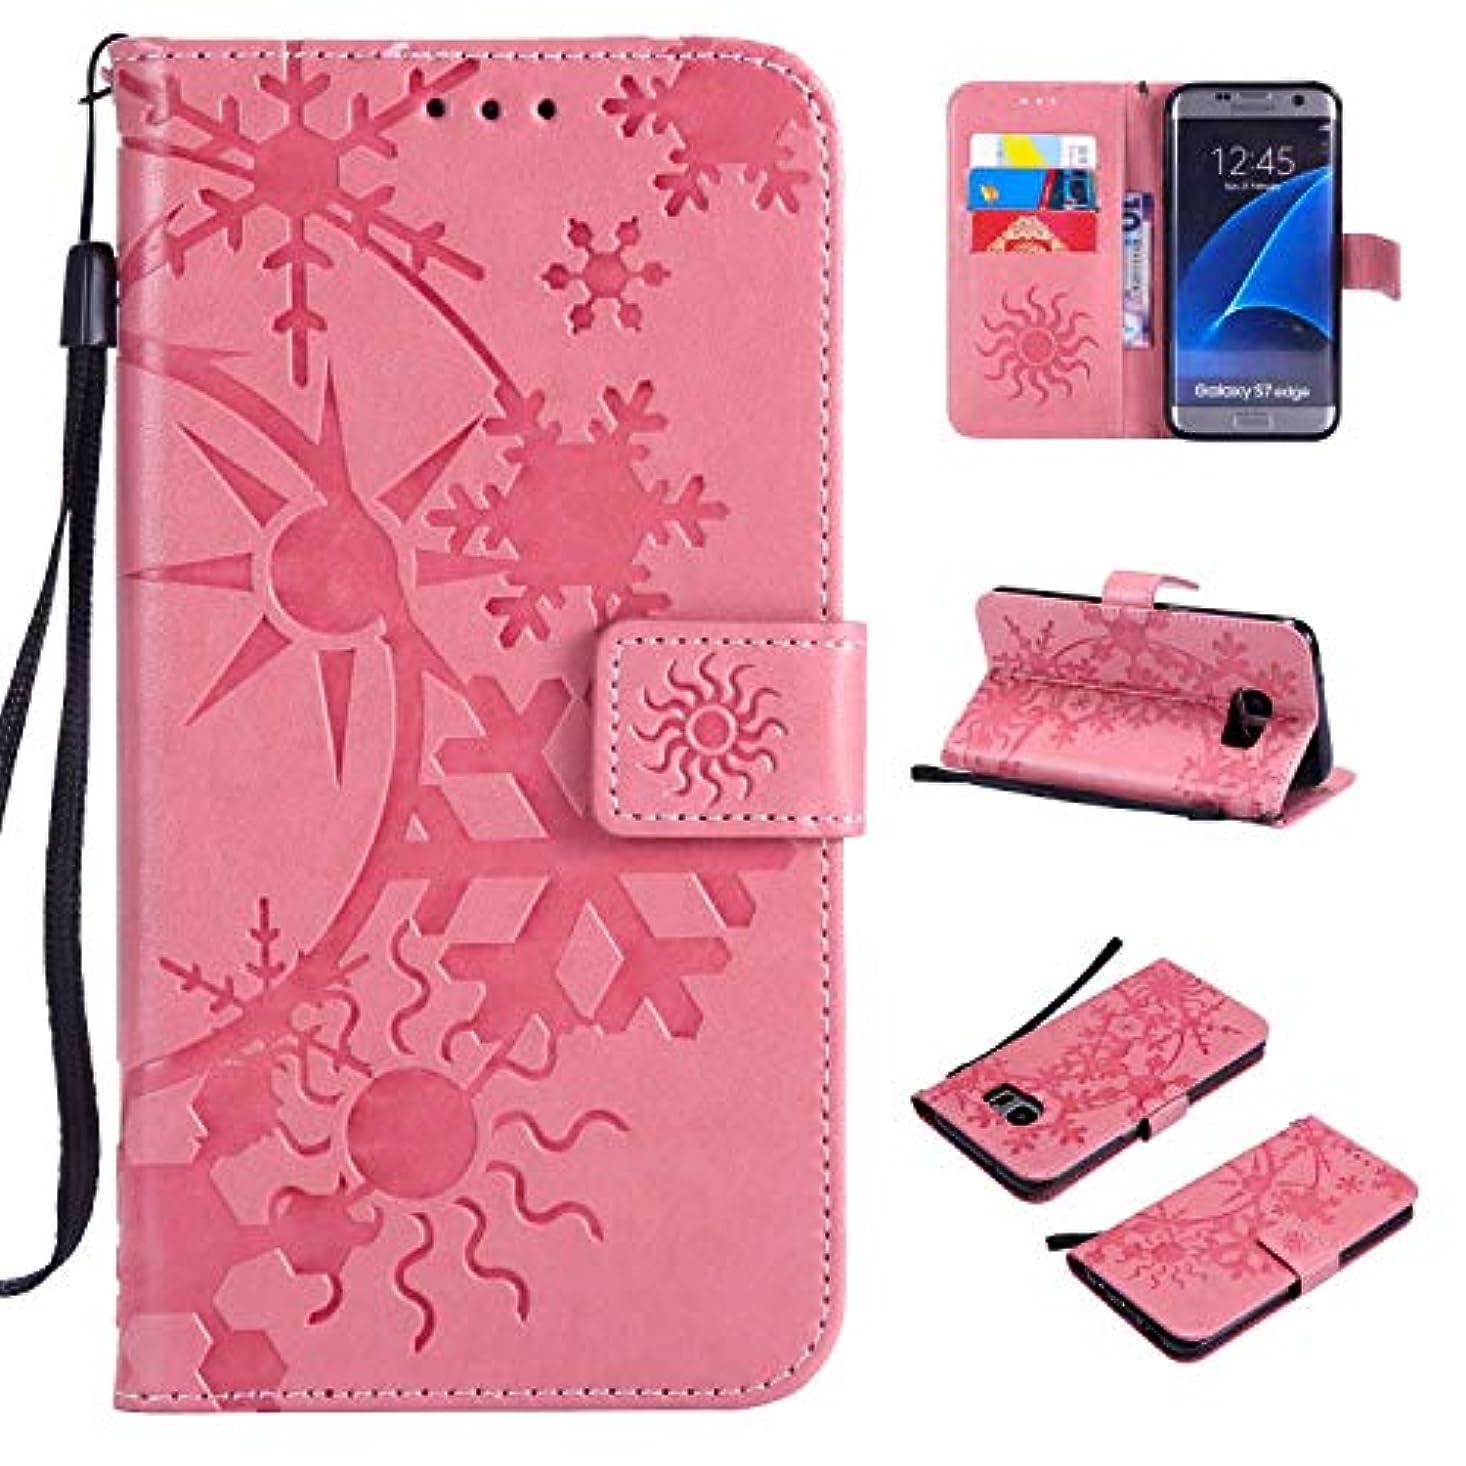 三角二次代数的Galaxy S7 Edge ケース CUSKING 手帳型 ケース ストラップ付き かわいい 財布 カバー カードポケット付き Samsung ギャラクシー S7 Edge マジックアレイ ケース - ピンク